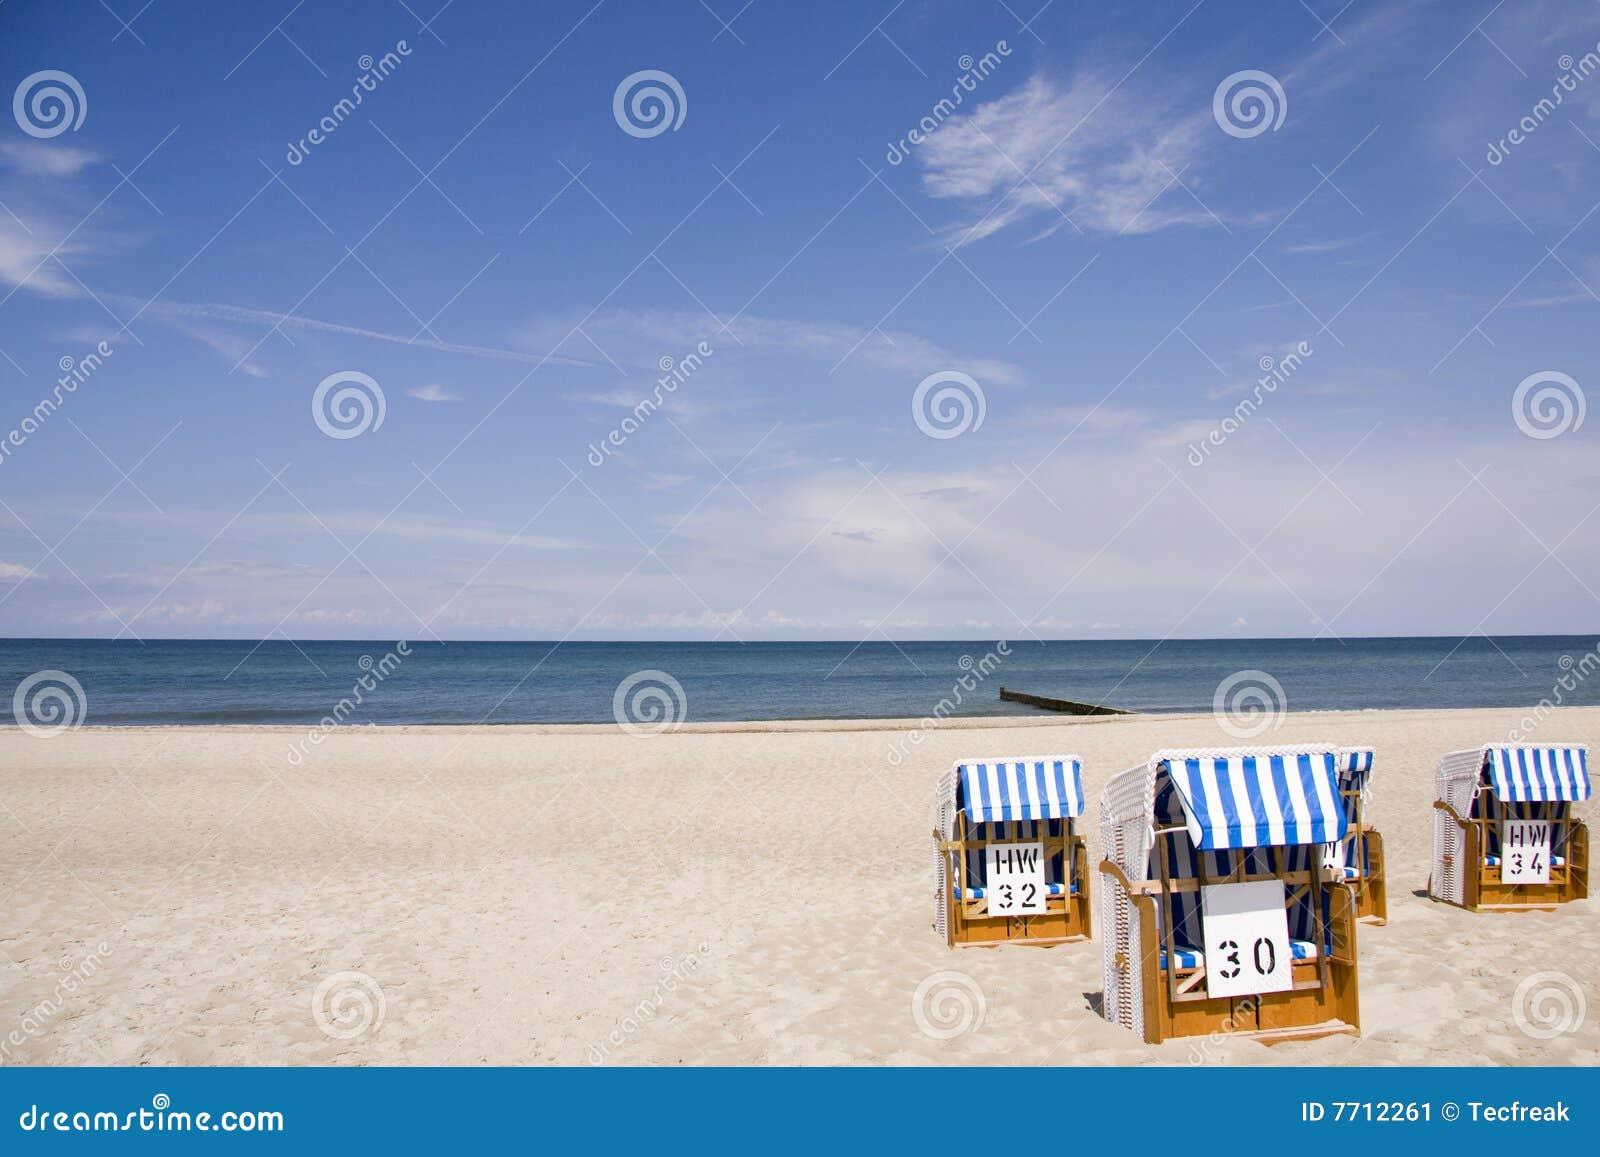 Beach chairs on the Baltic Sea beach